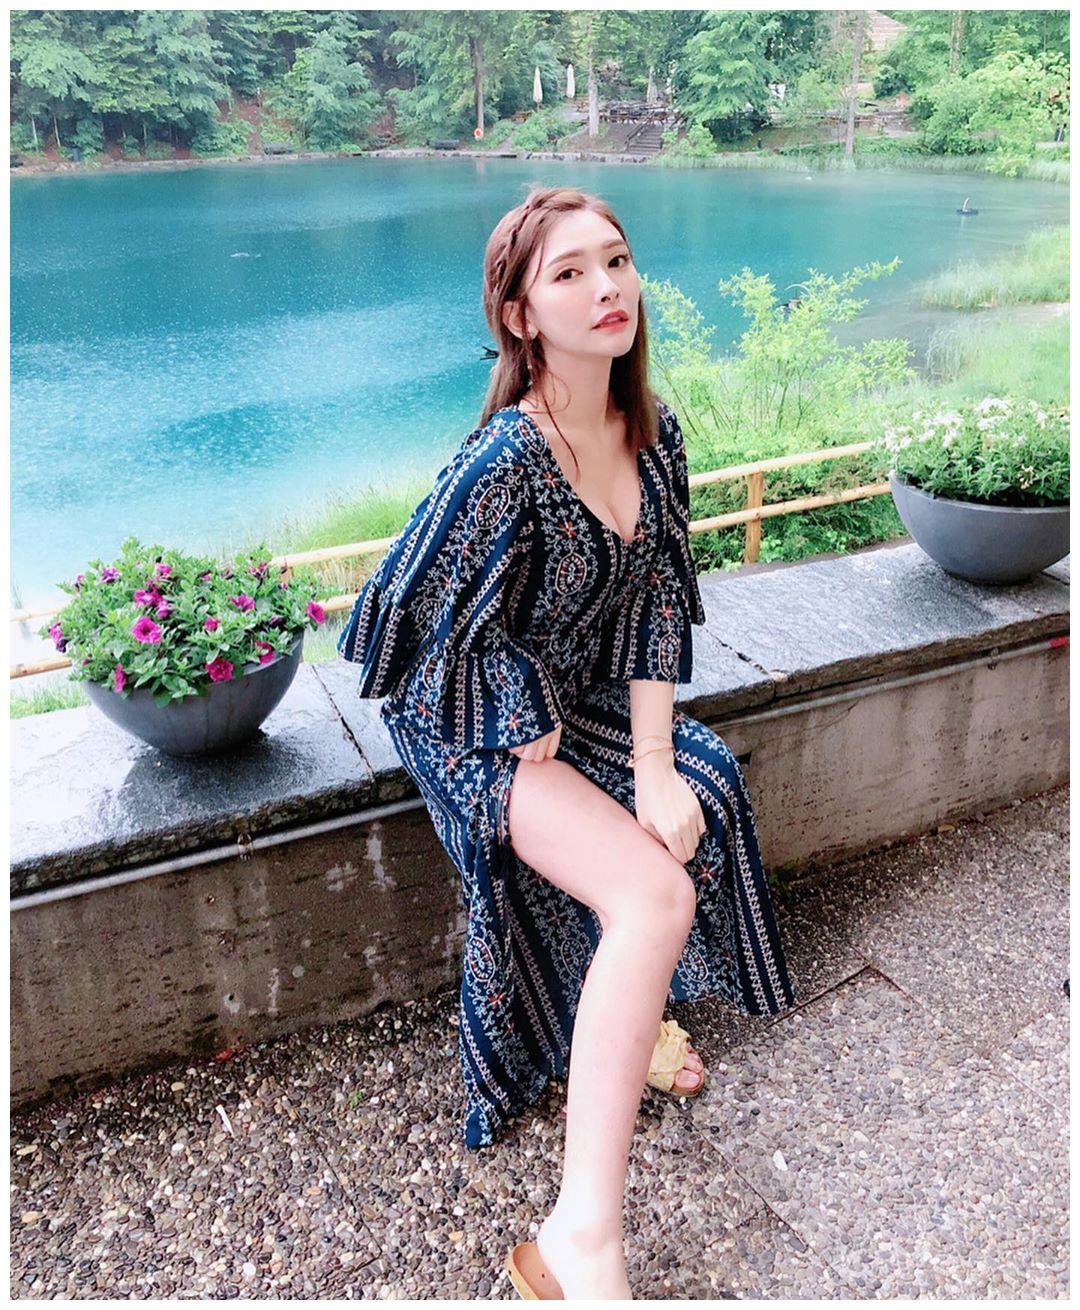 波西米亚风格连衣裙搭配黄色拖鞋,舒适顺滑,文艺优雅